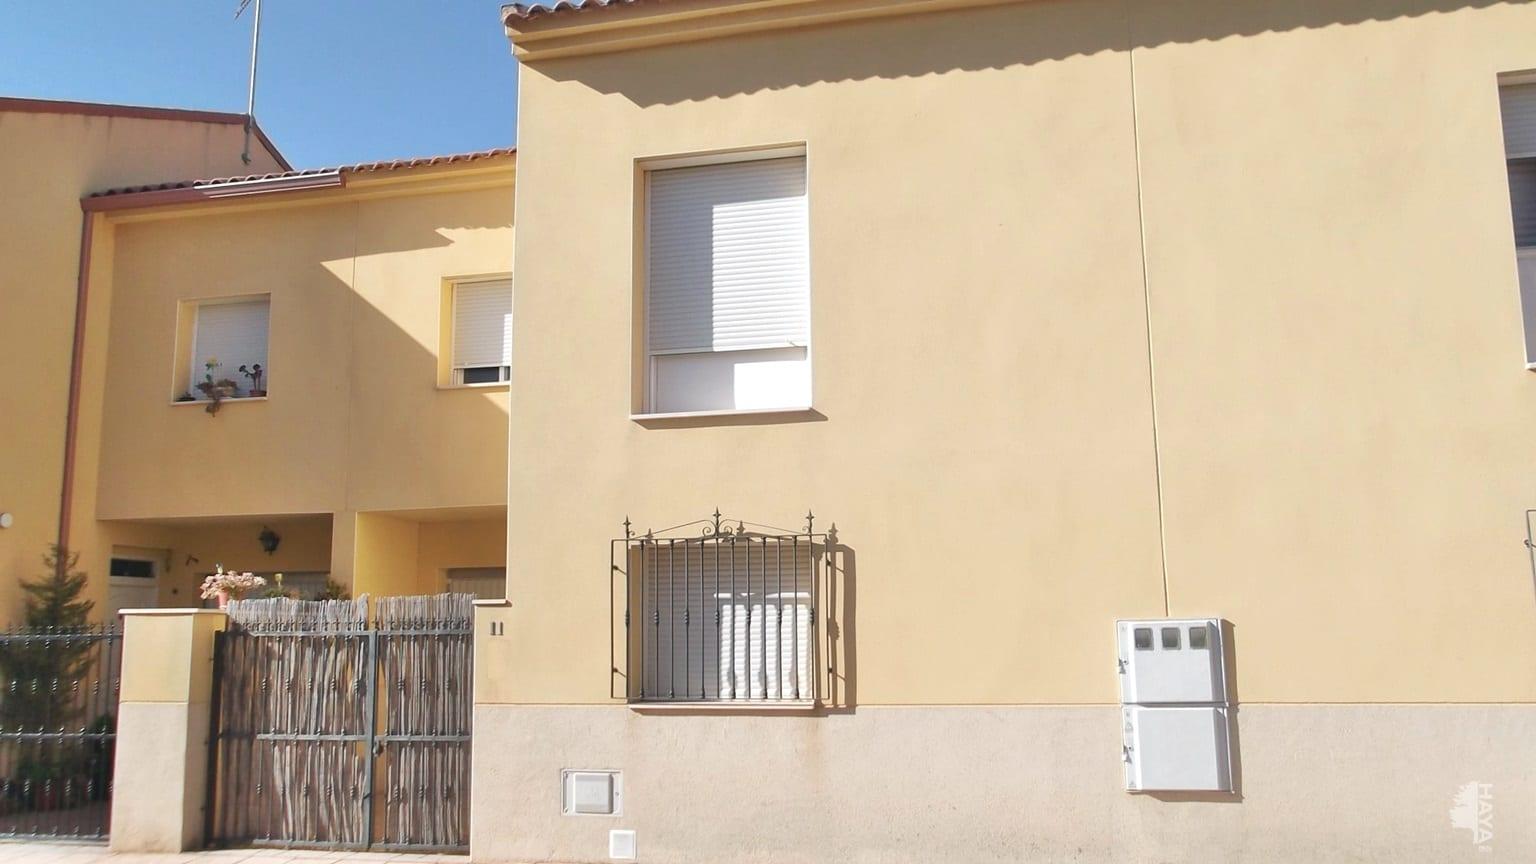 Casa en venta en Quintanar de la Orden, Toledo, Calle Virgen de Gracia, 91.657 €, 3 habitaciones, 2 baños, 107 m2